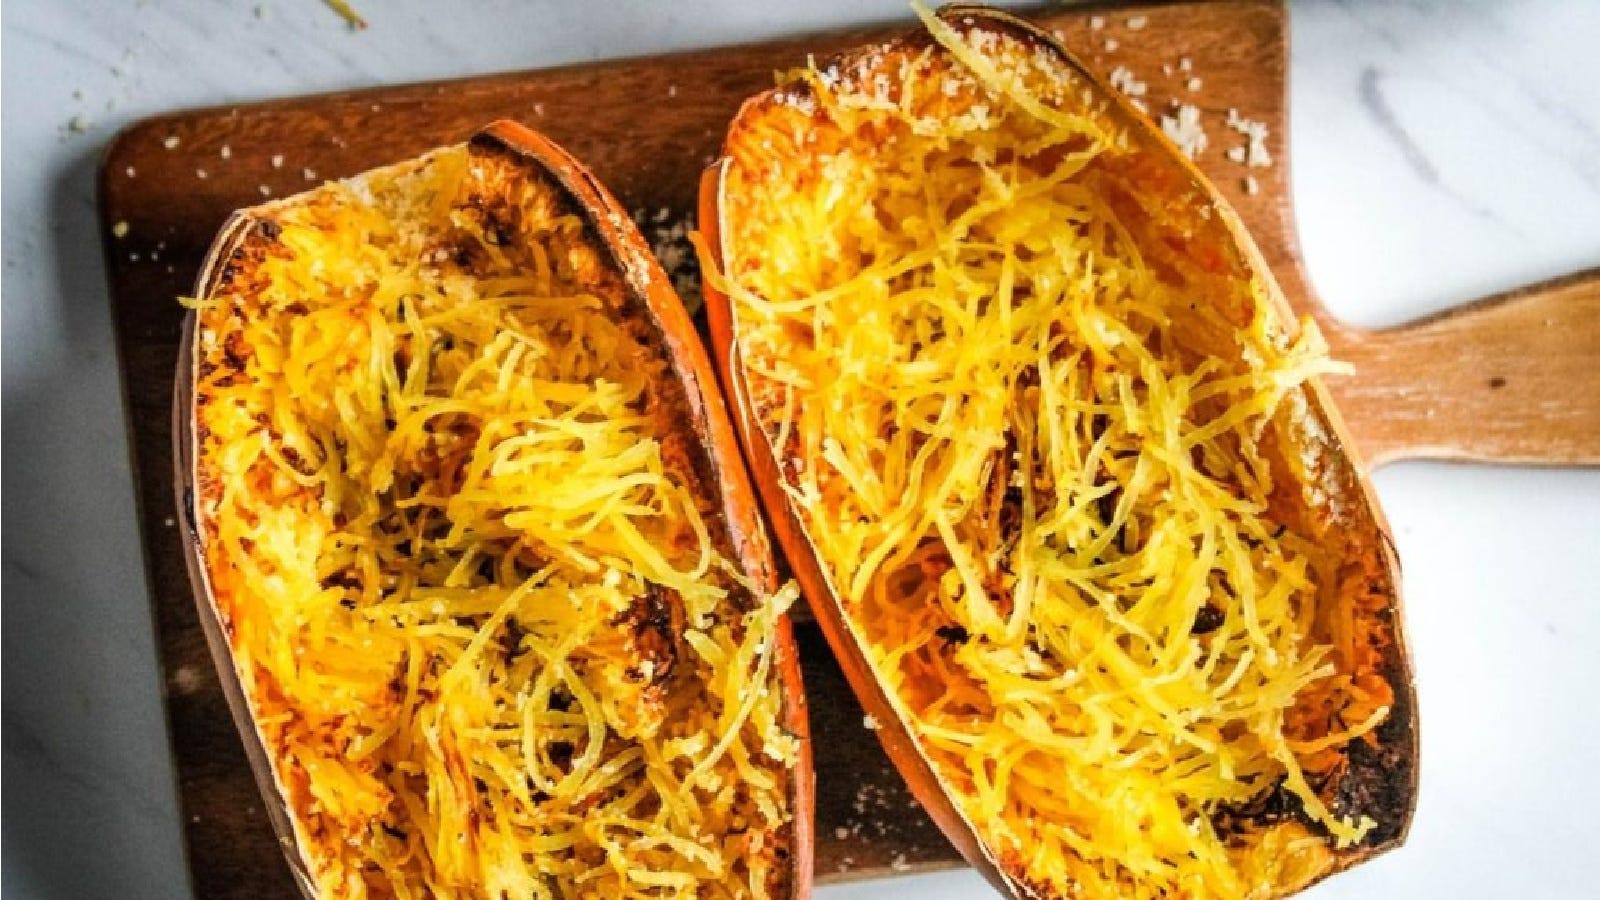 An air fried spaghetti squash sliced in half sitting on a cutting board.